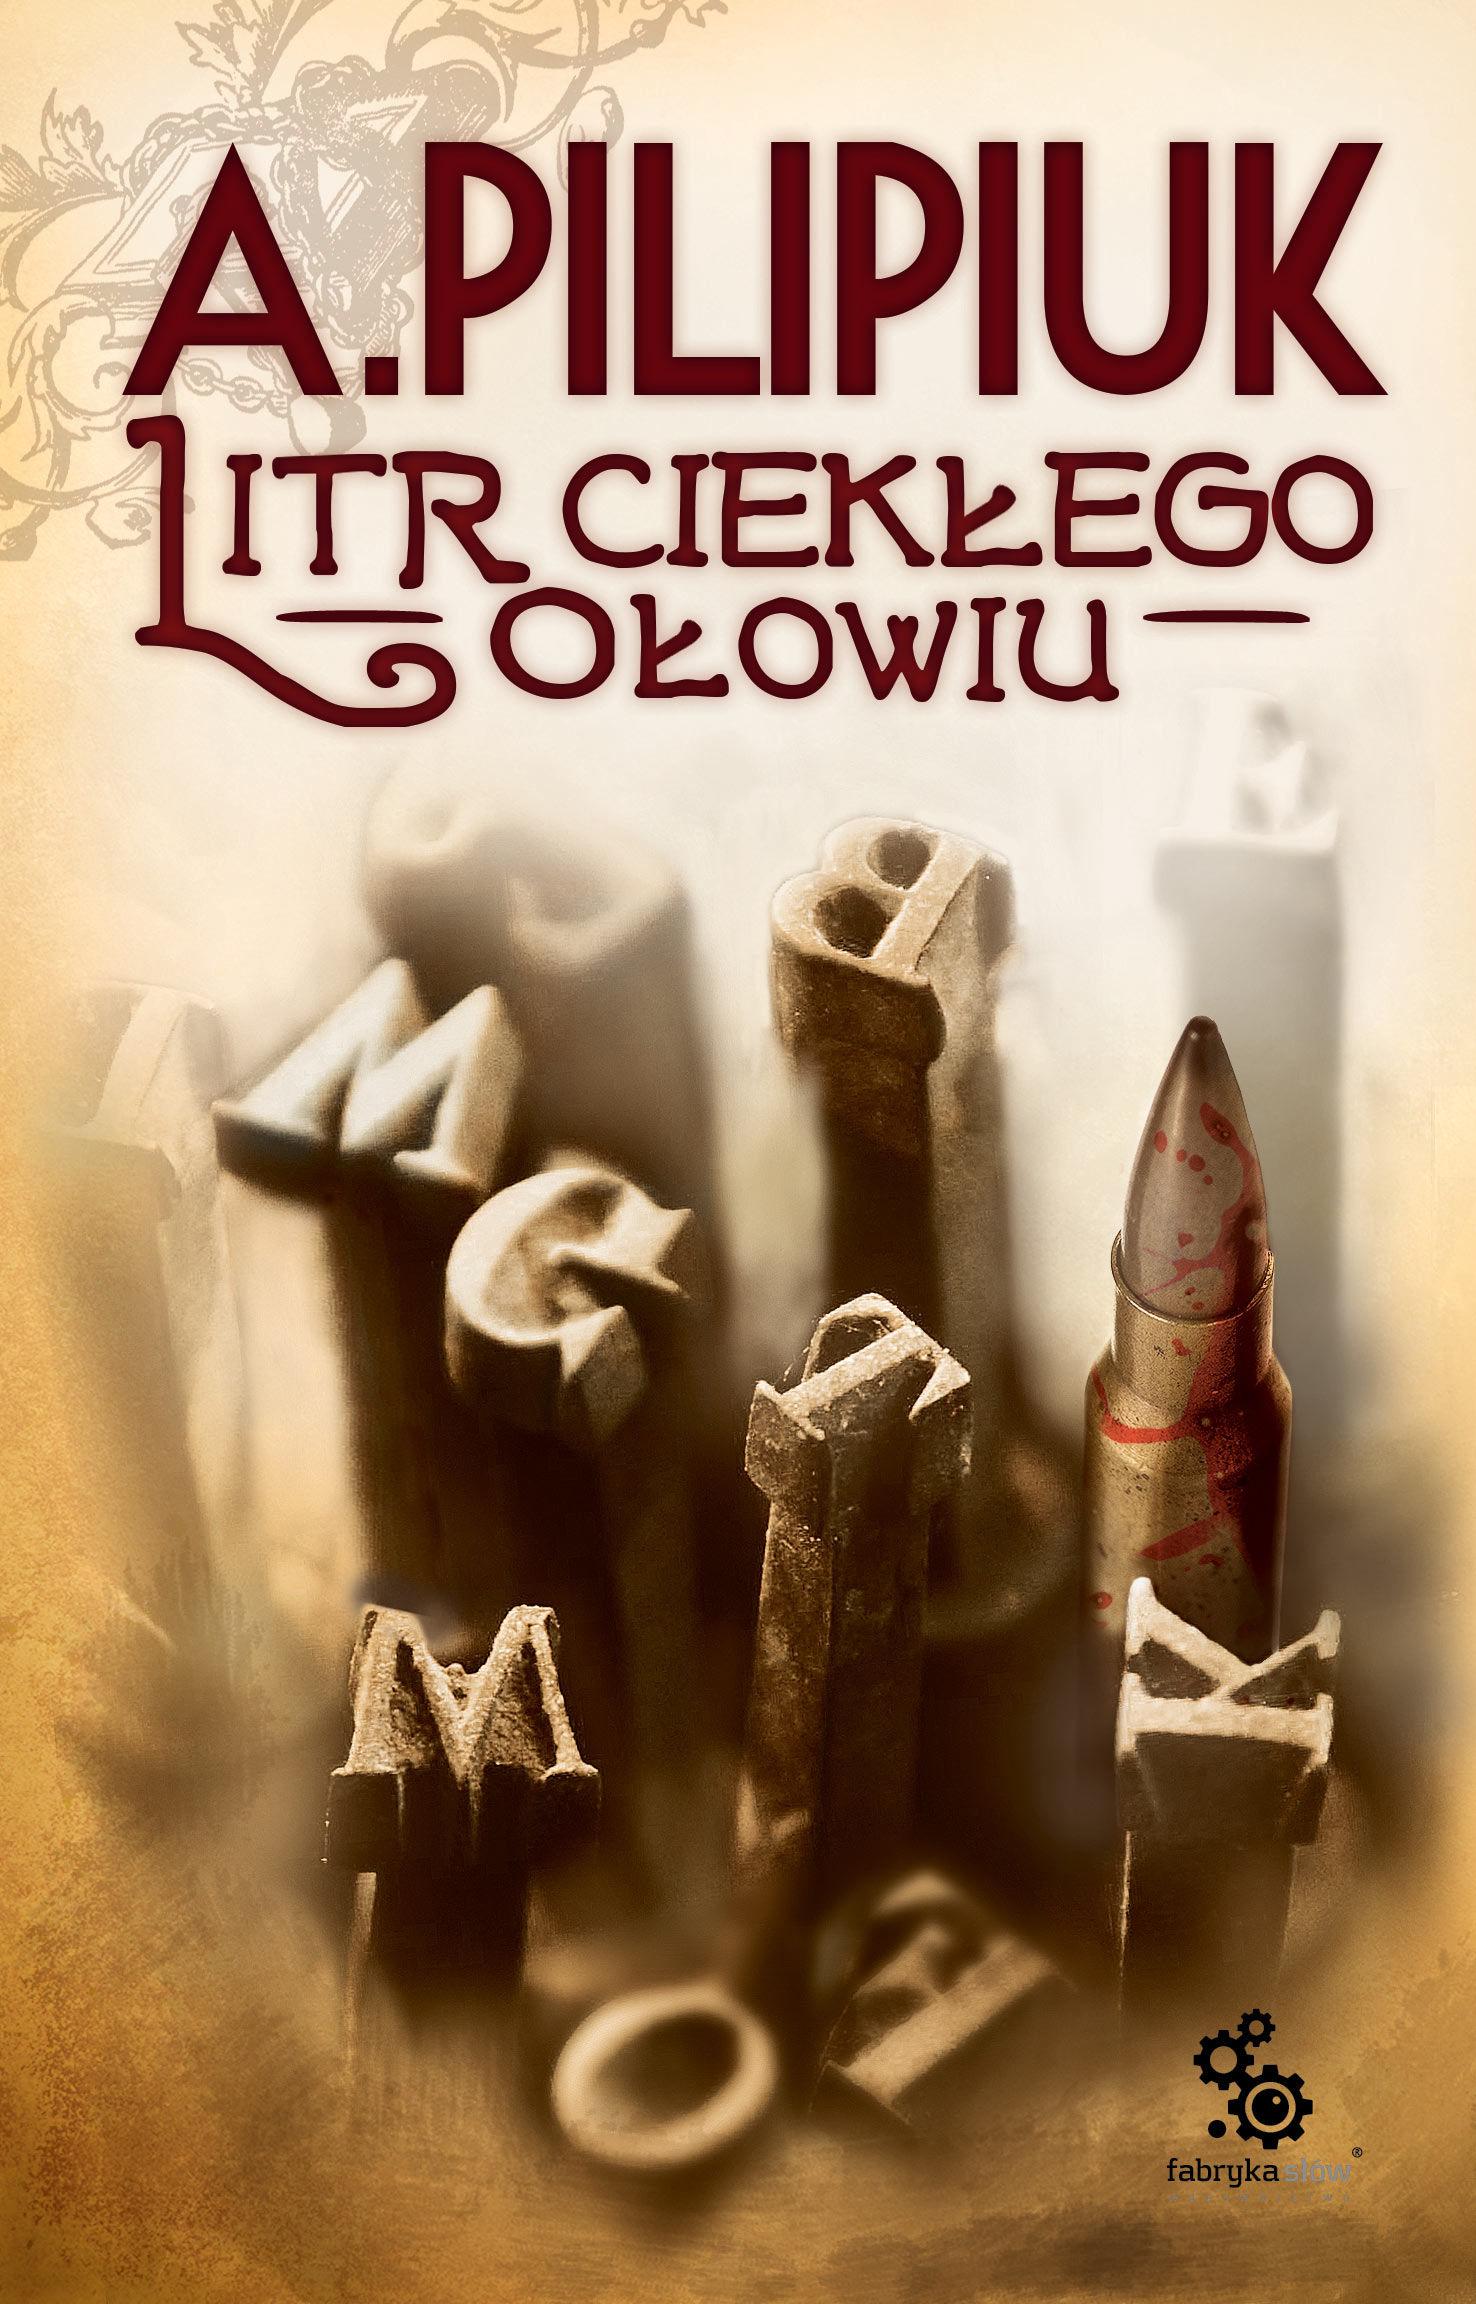 Litr ciekłego ołowiu - Andrzej Pilipiuk - audiobook